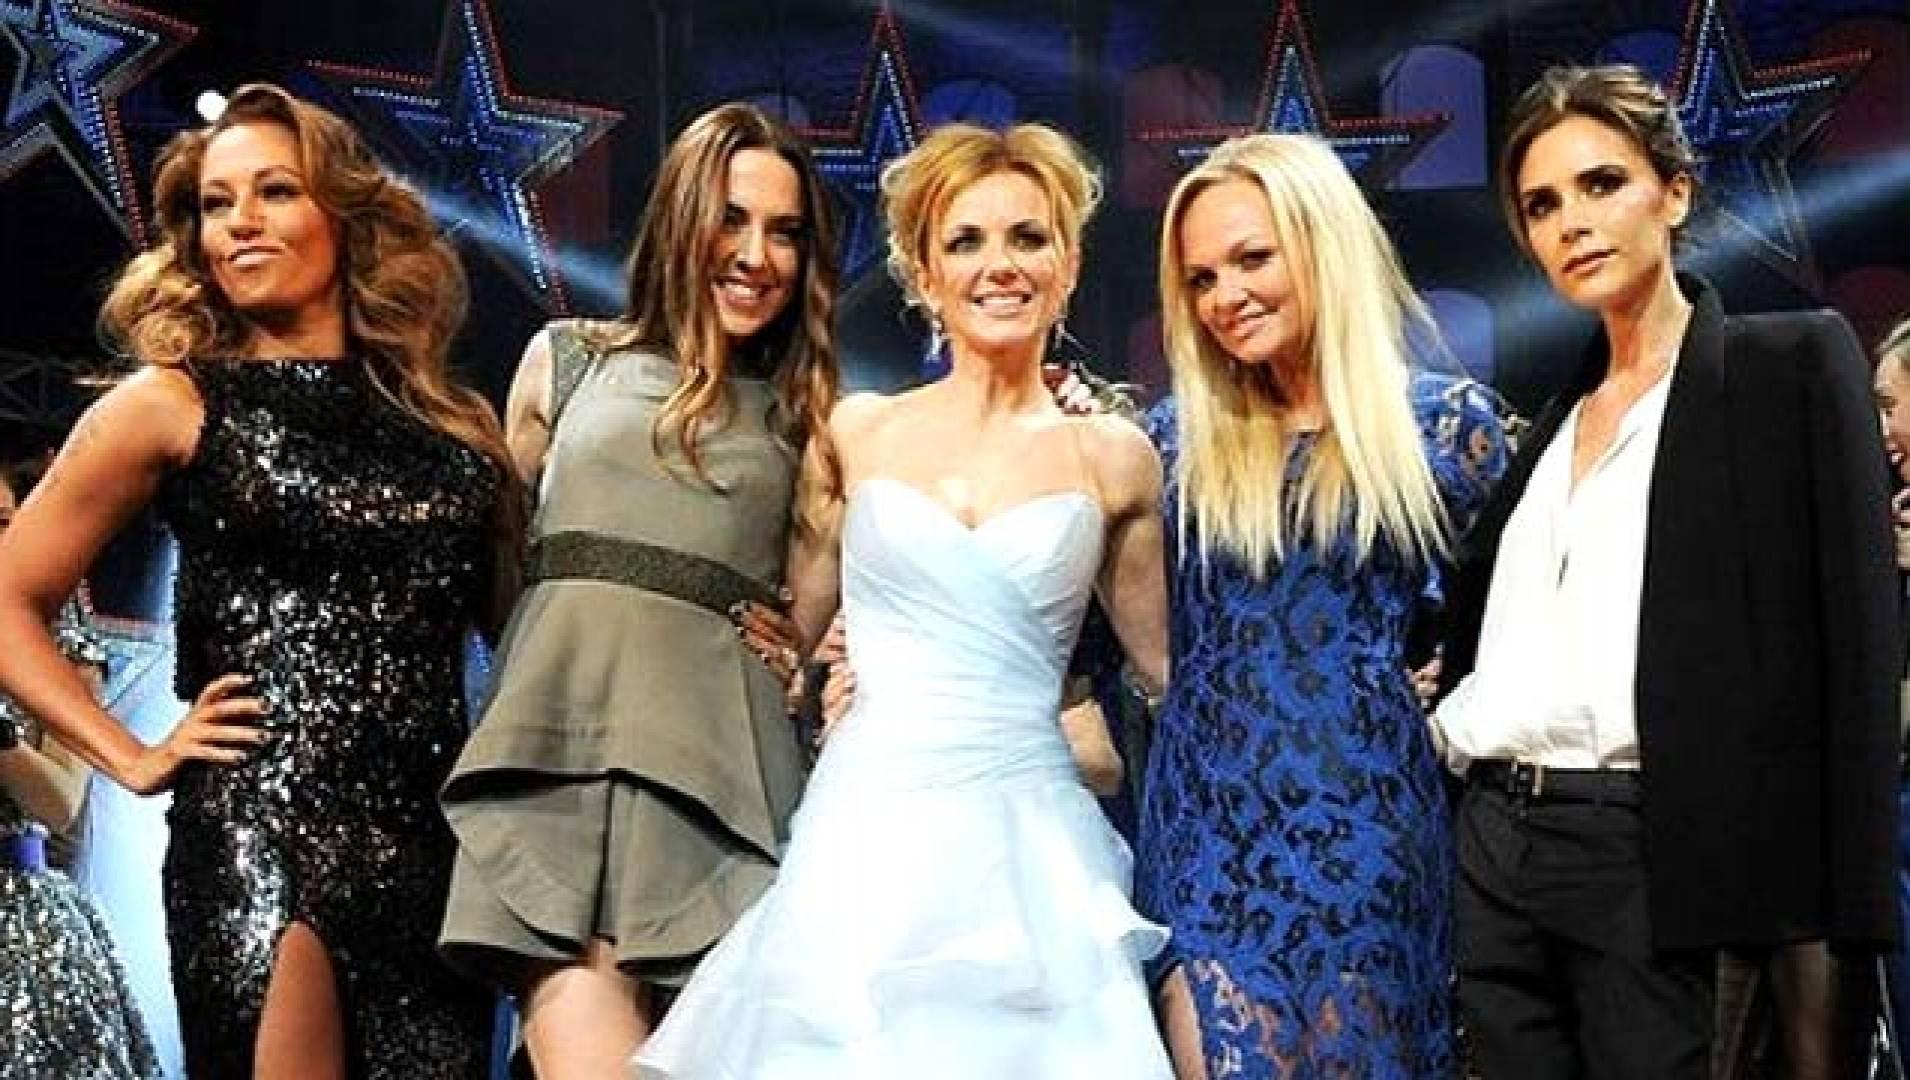 Viva Forever. История группы «Spice Girls» - Документальный фильм